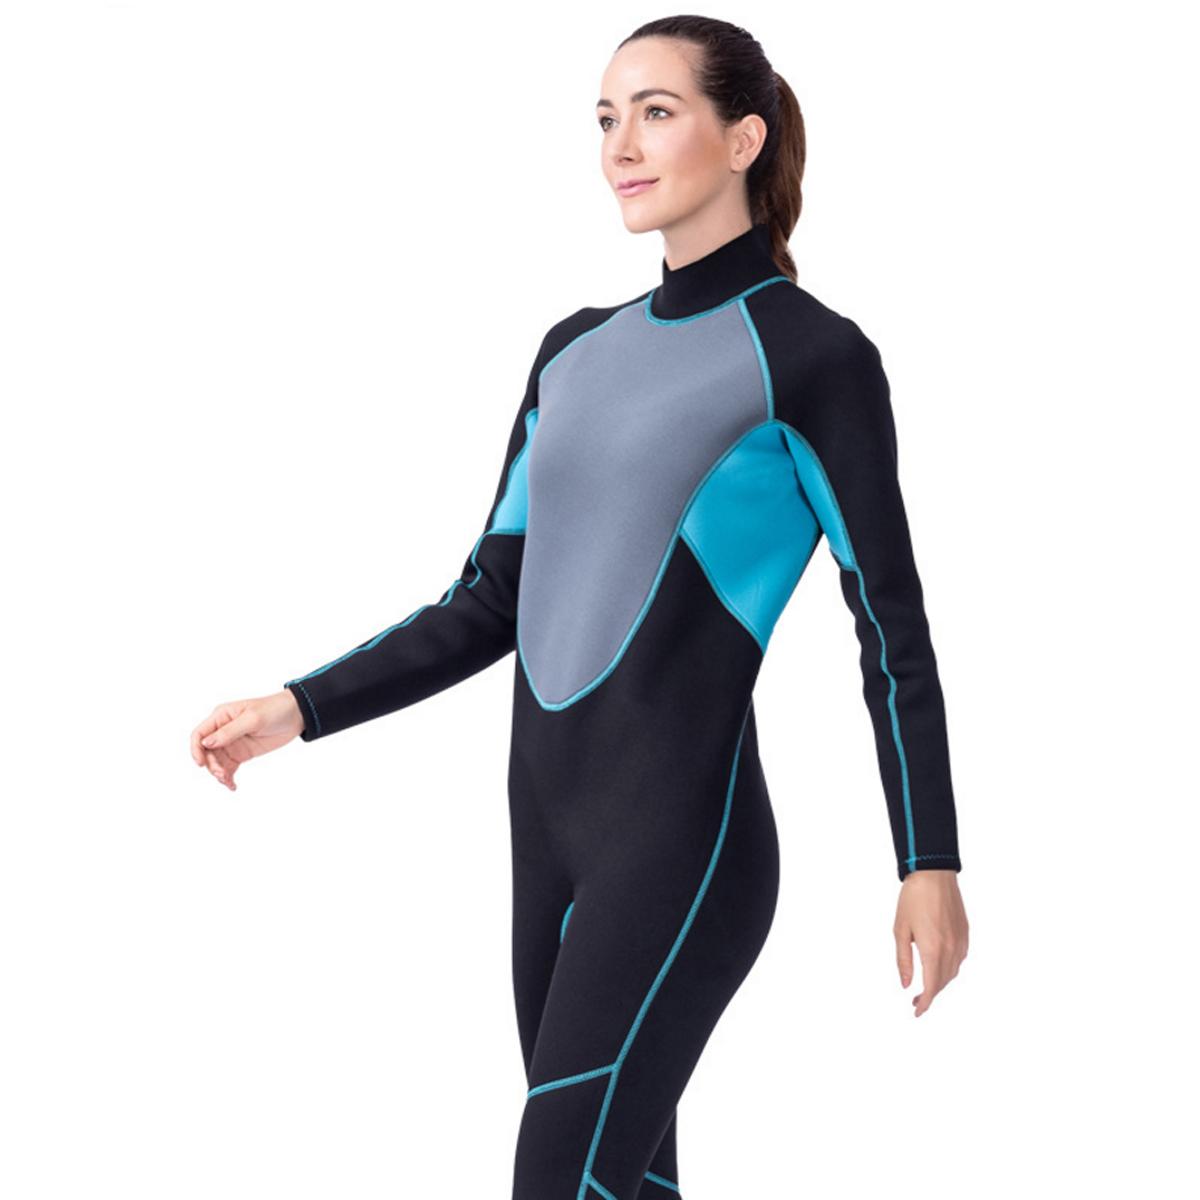 7d296d1085 Details about WOMEN Wetsuit 3MM Full Body Suit Super Stretch Diving Suit Swim  Surf Snorkeling